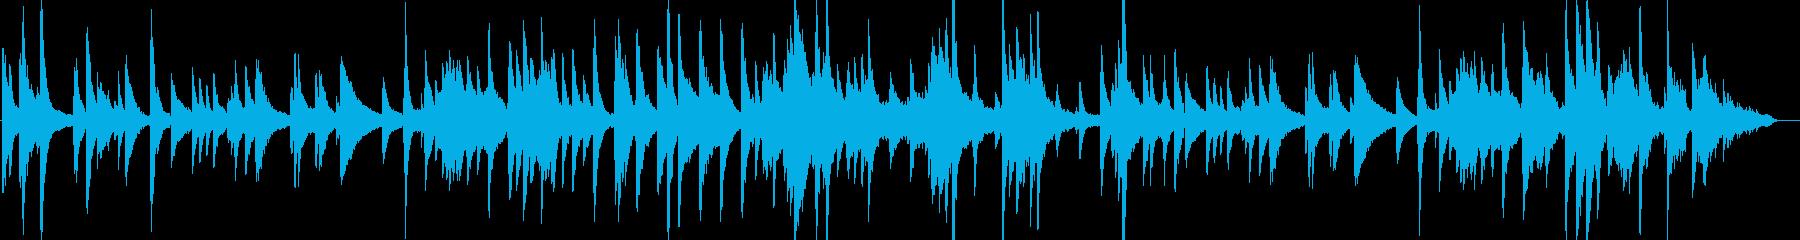 妖艶な響きのスロージャズピアノ楽曲の再生済みの波形